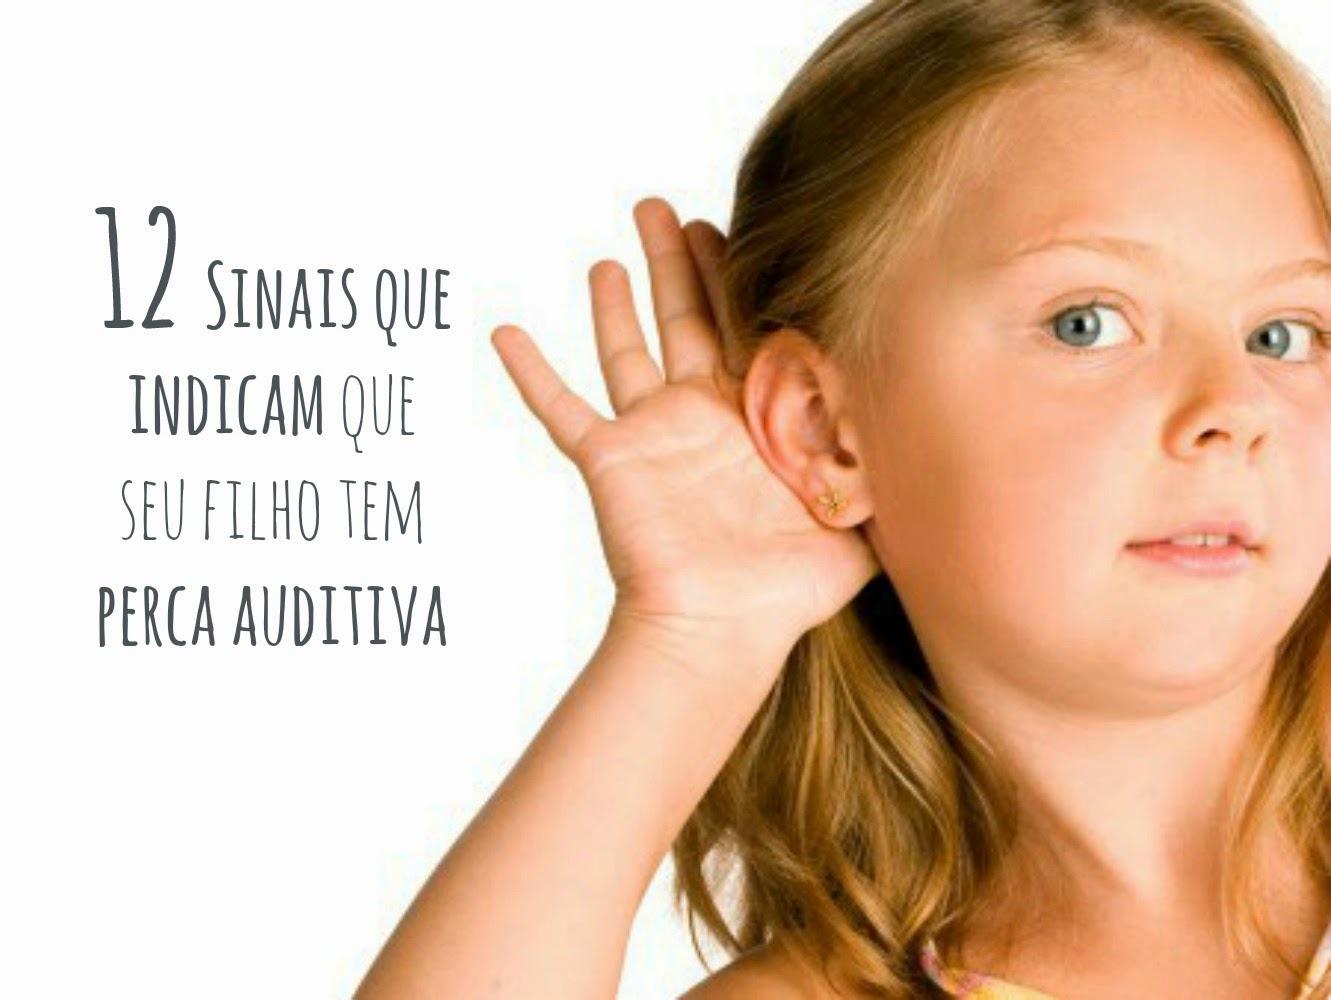 12 Sinais que indicam que seu filho tem perca auditiva